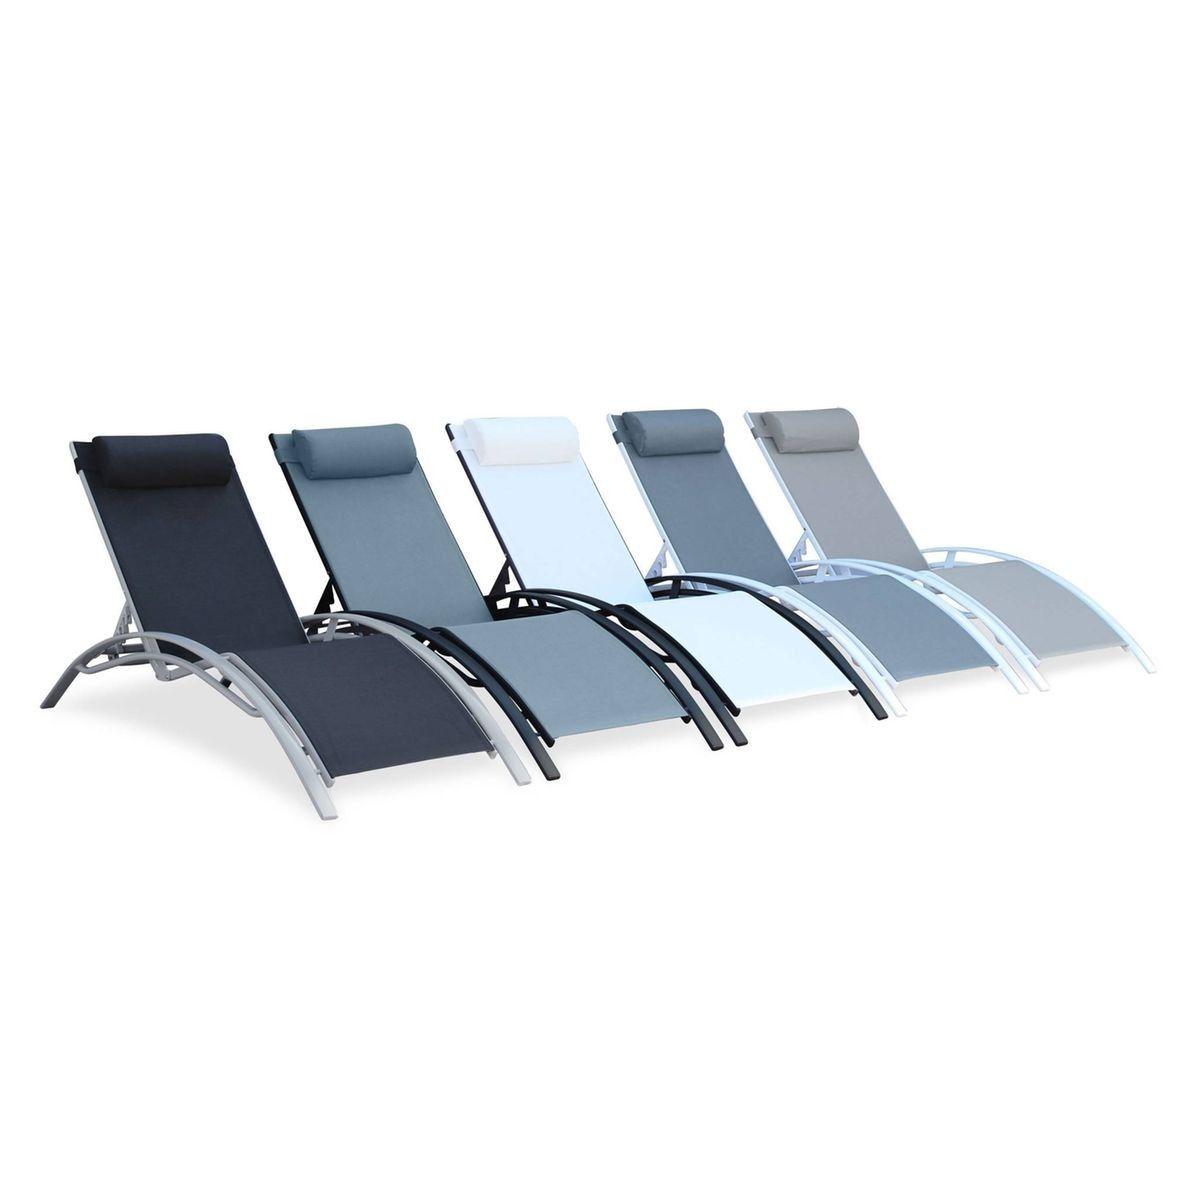 Bain Soleil Et Louisa De Vert Aluminium En Textilène Taille D'eau 4AR5L3j